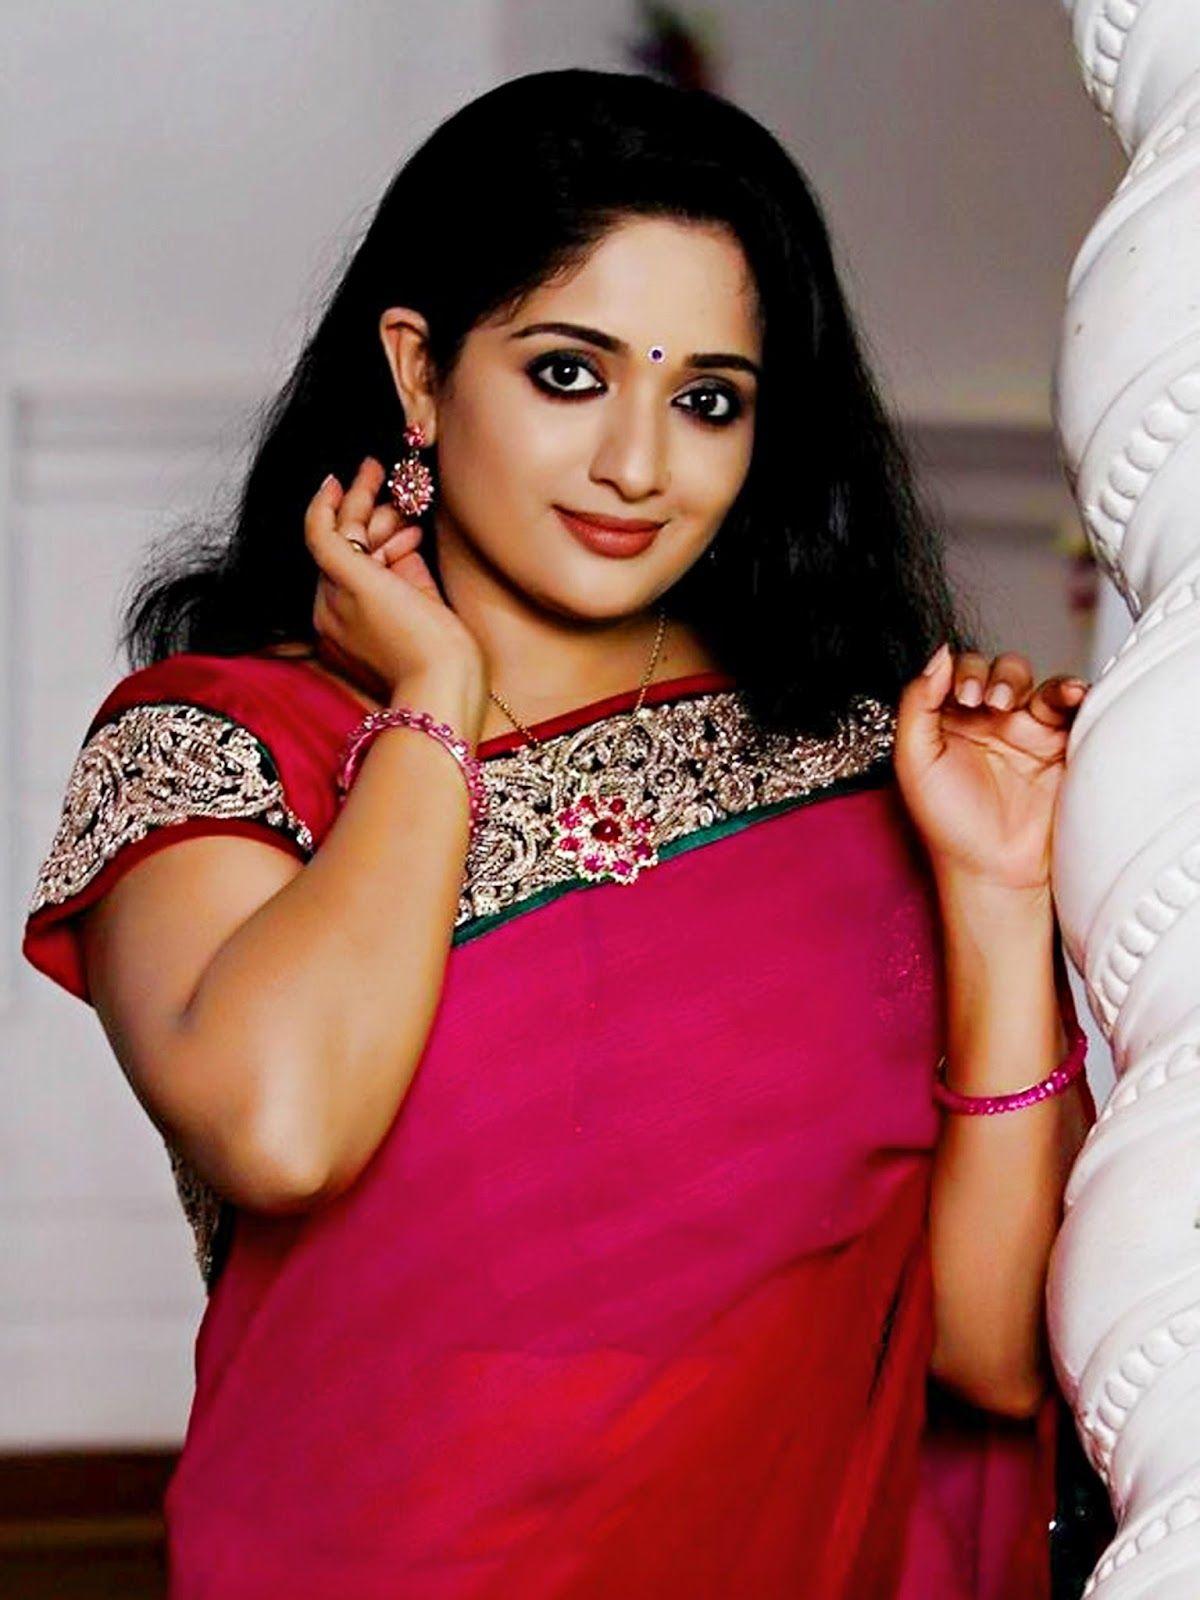 458455-kavya-madhavan-unseen-free-image-of-actress-kavya-malayalam-girl-kavya.jpg (1200×1600)